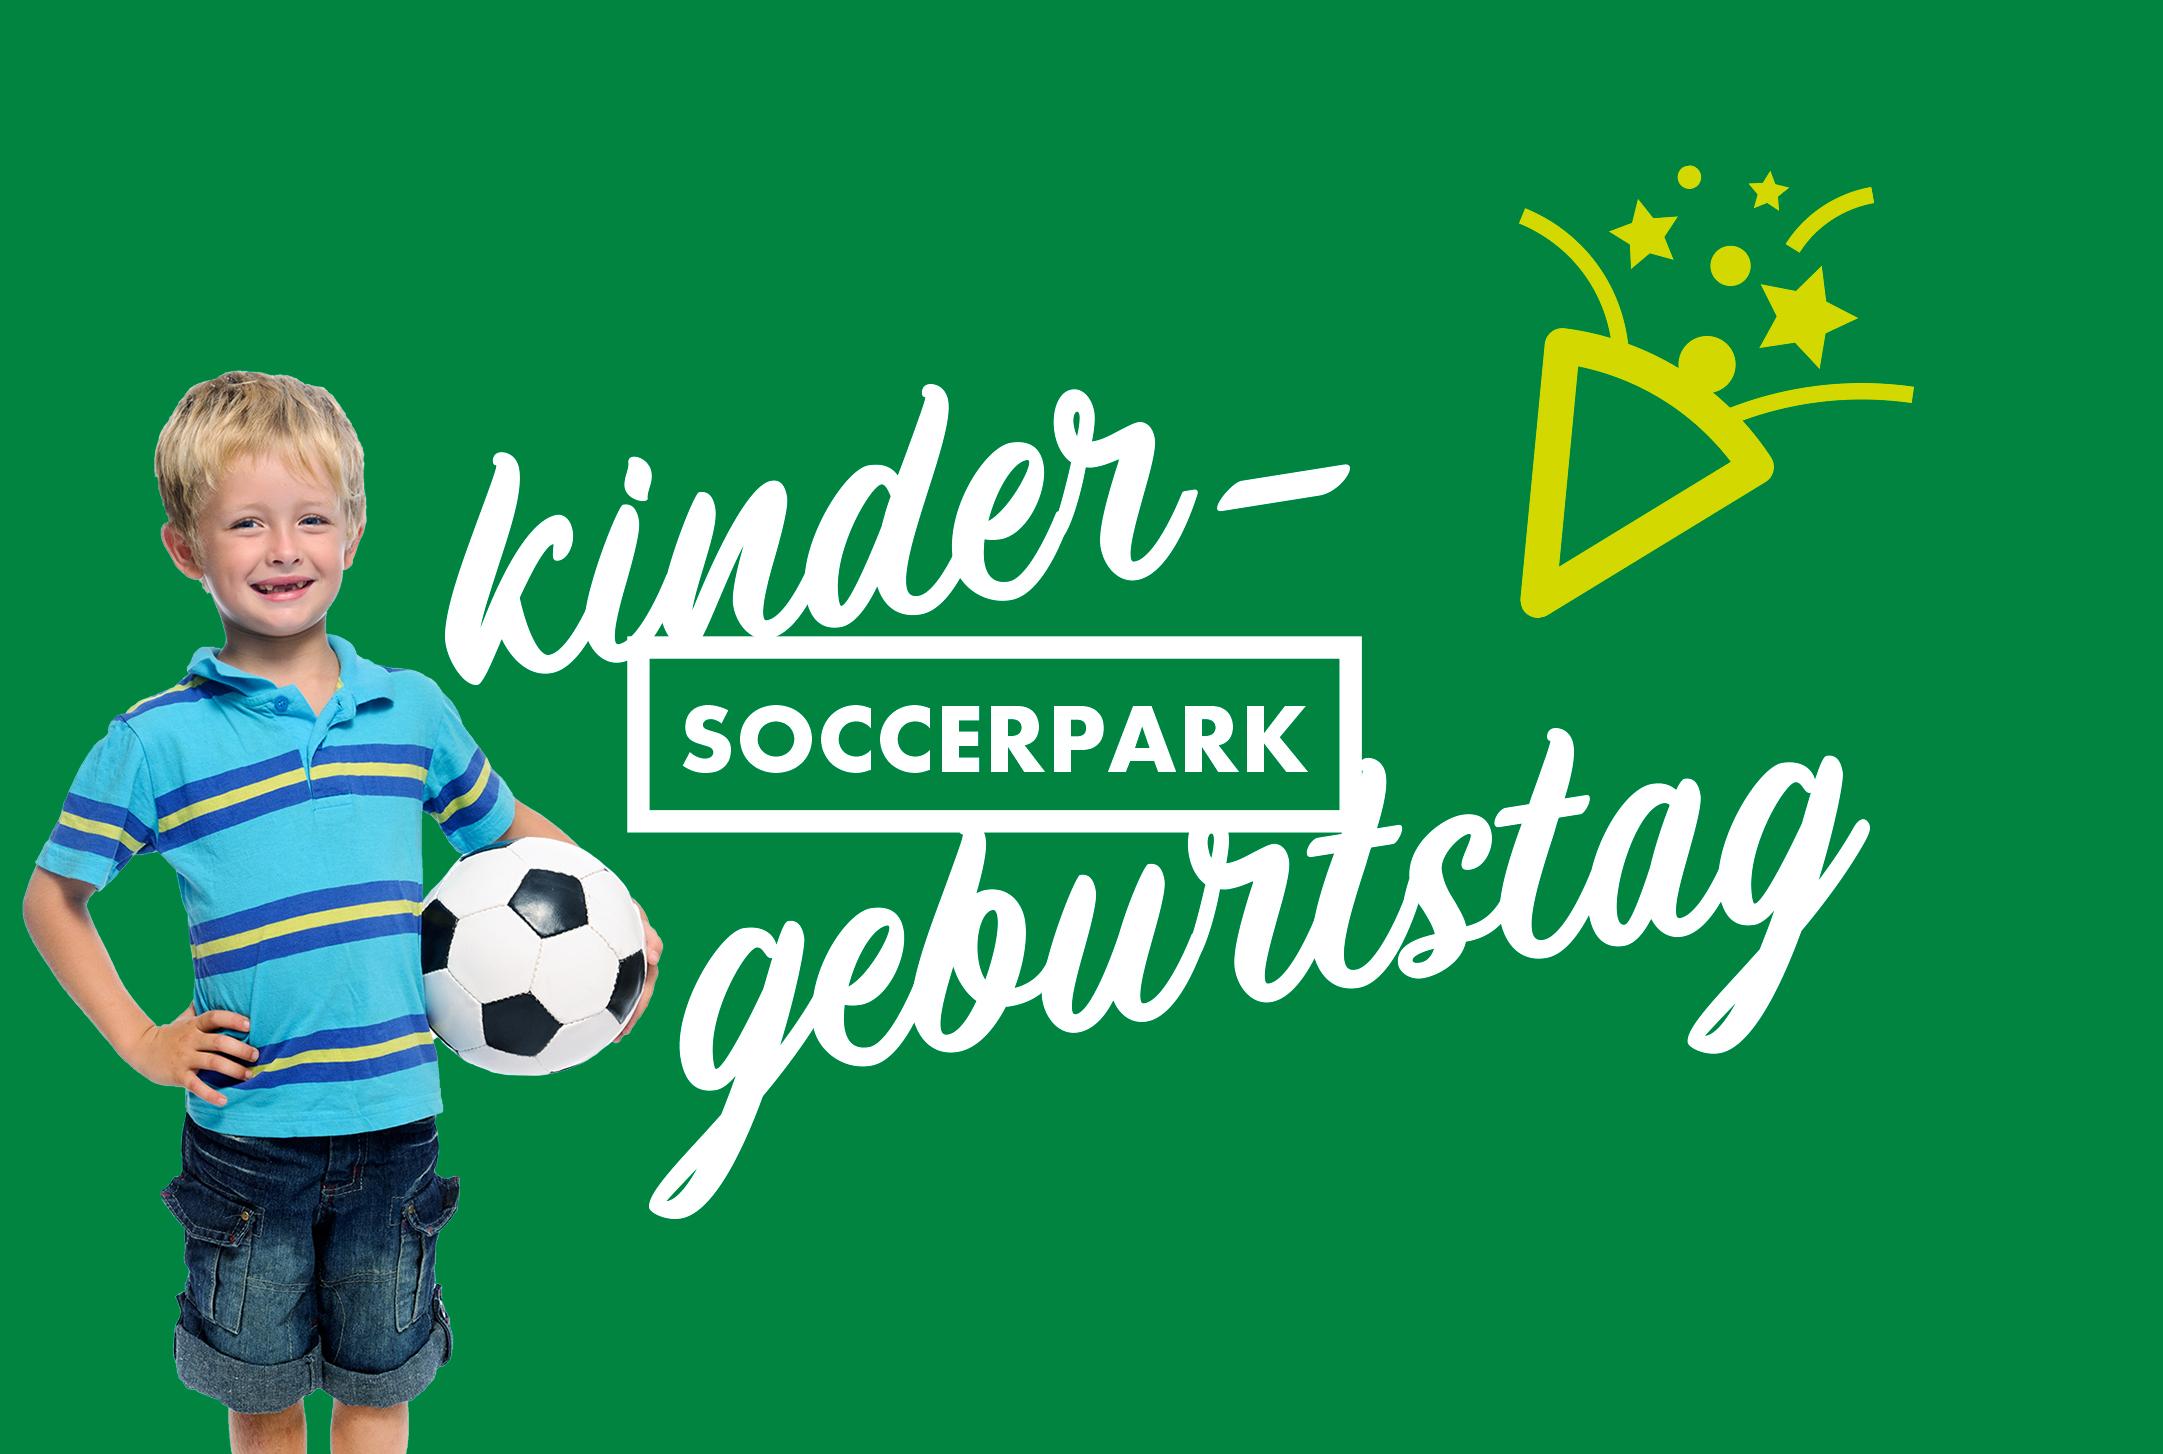 Kindergeburtstag im Soccerpark feiern mit Bewegung, Spaß und Verpflegung!